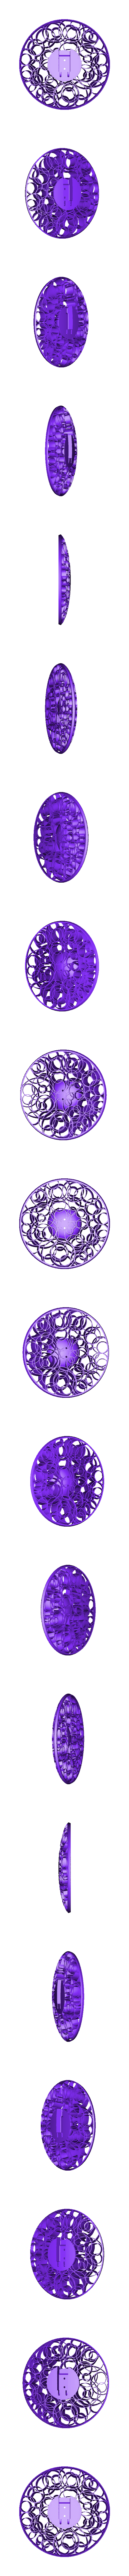 plate.stl Télécharger fichier OBJ gratuit Conception d'une échelle de cuisine • Design à imprimer en 3D, kakiemon